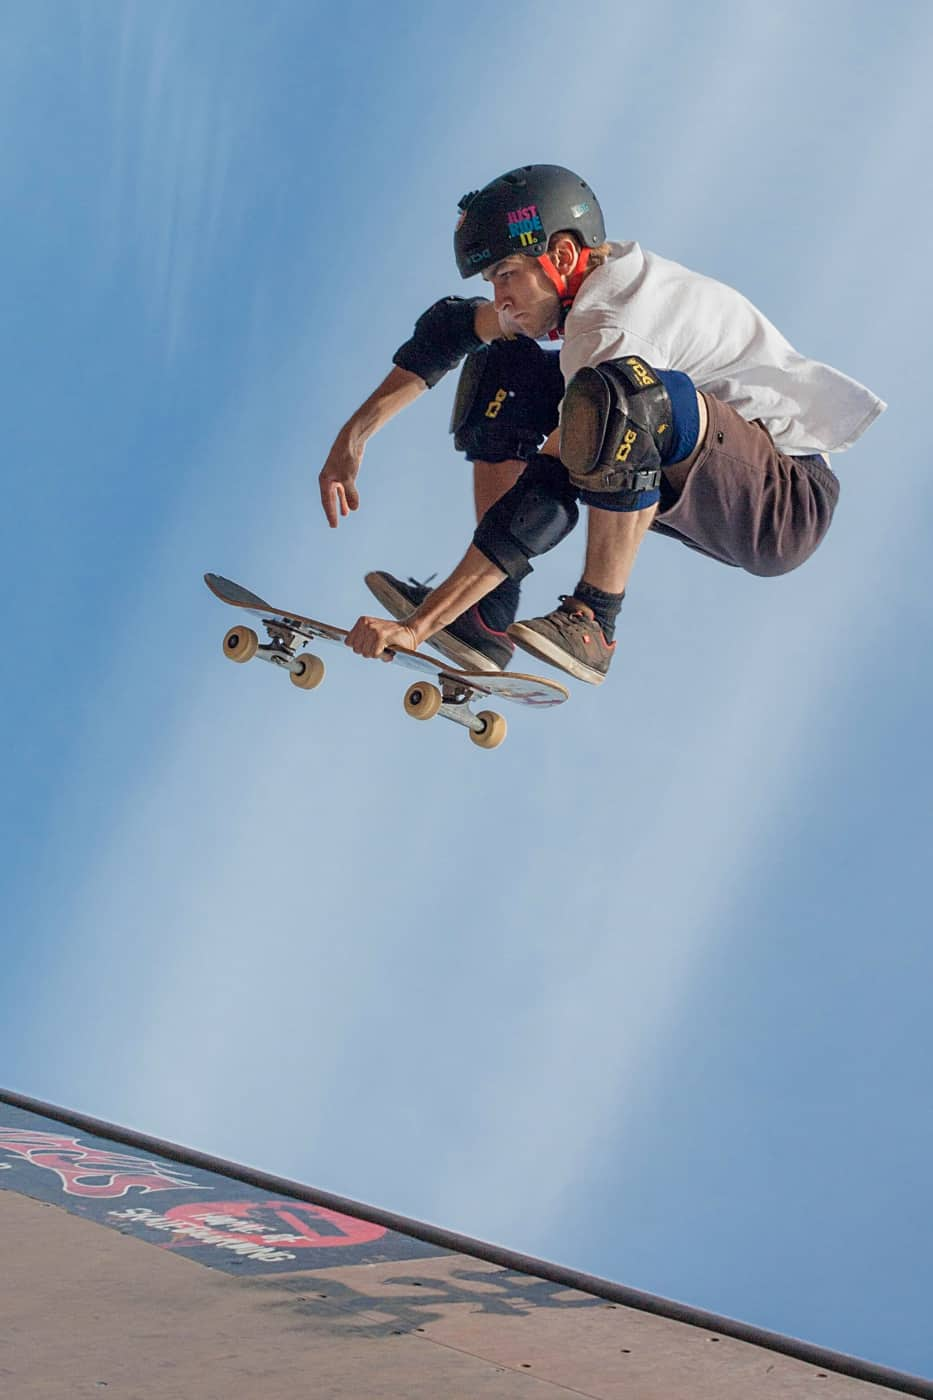 High flying | © Wolfgang Röser